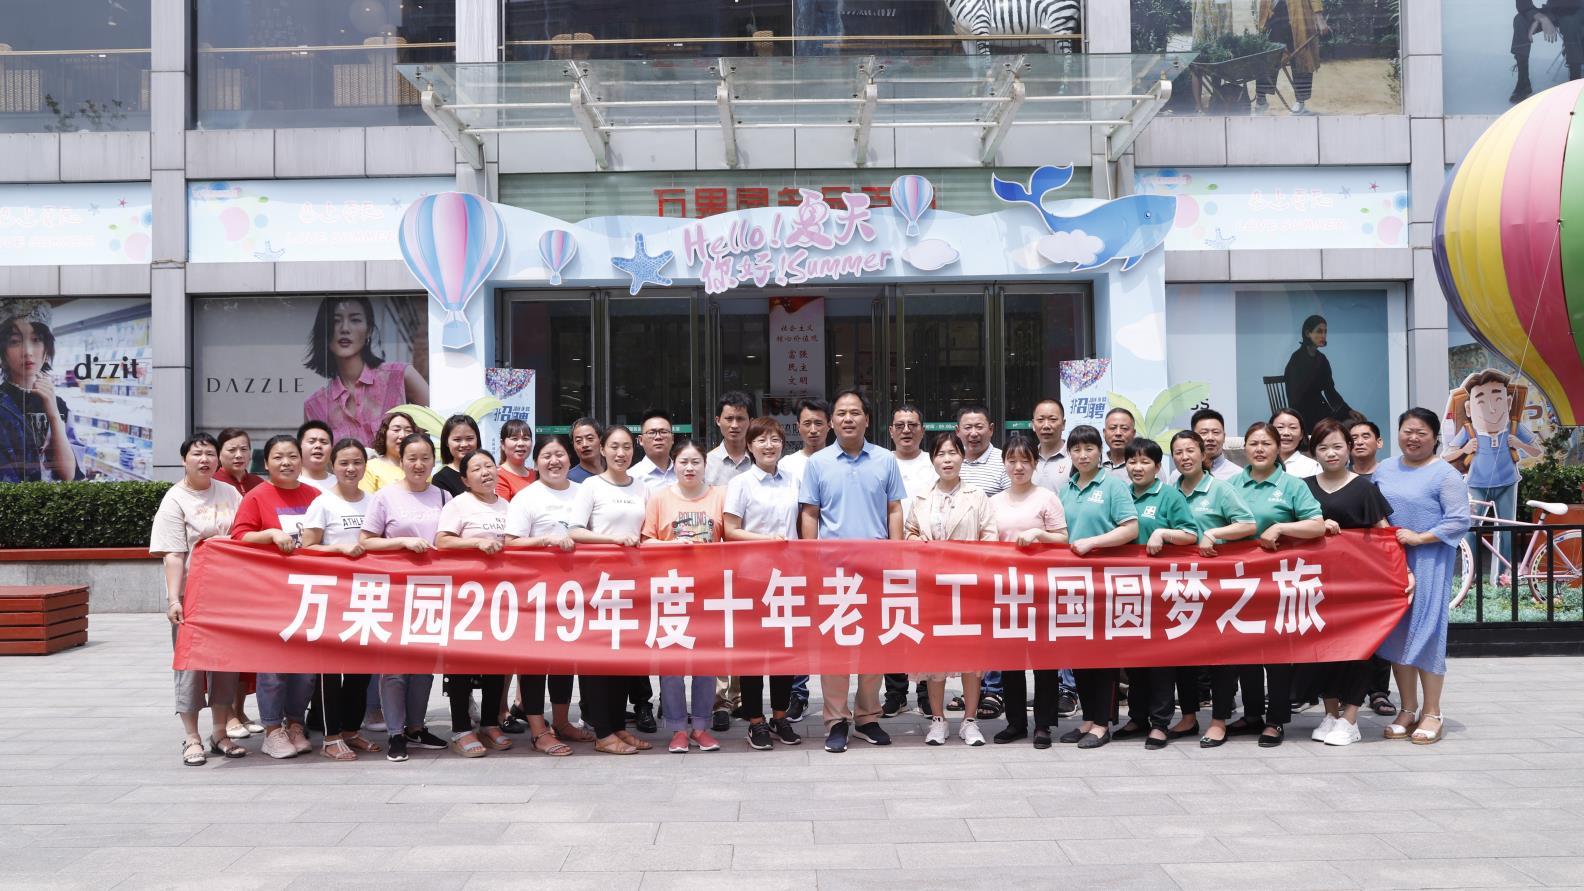 集团澳门永利赌场手机版组织十年老员工免费出国游